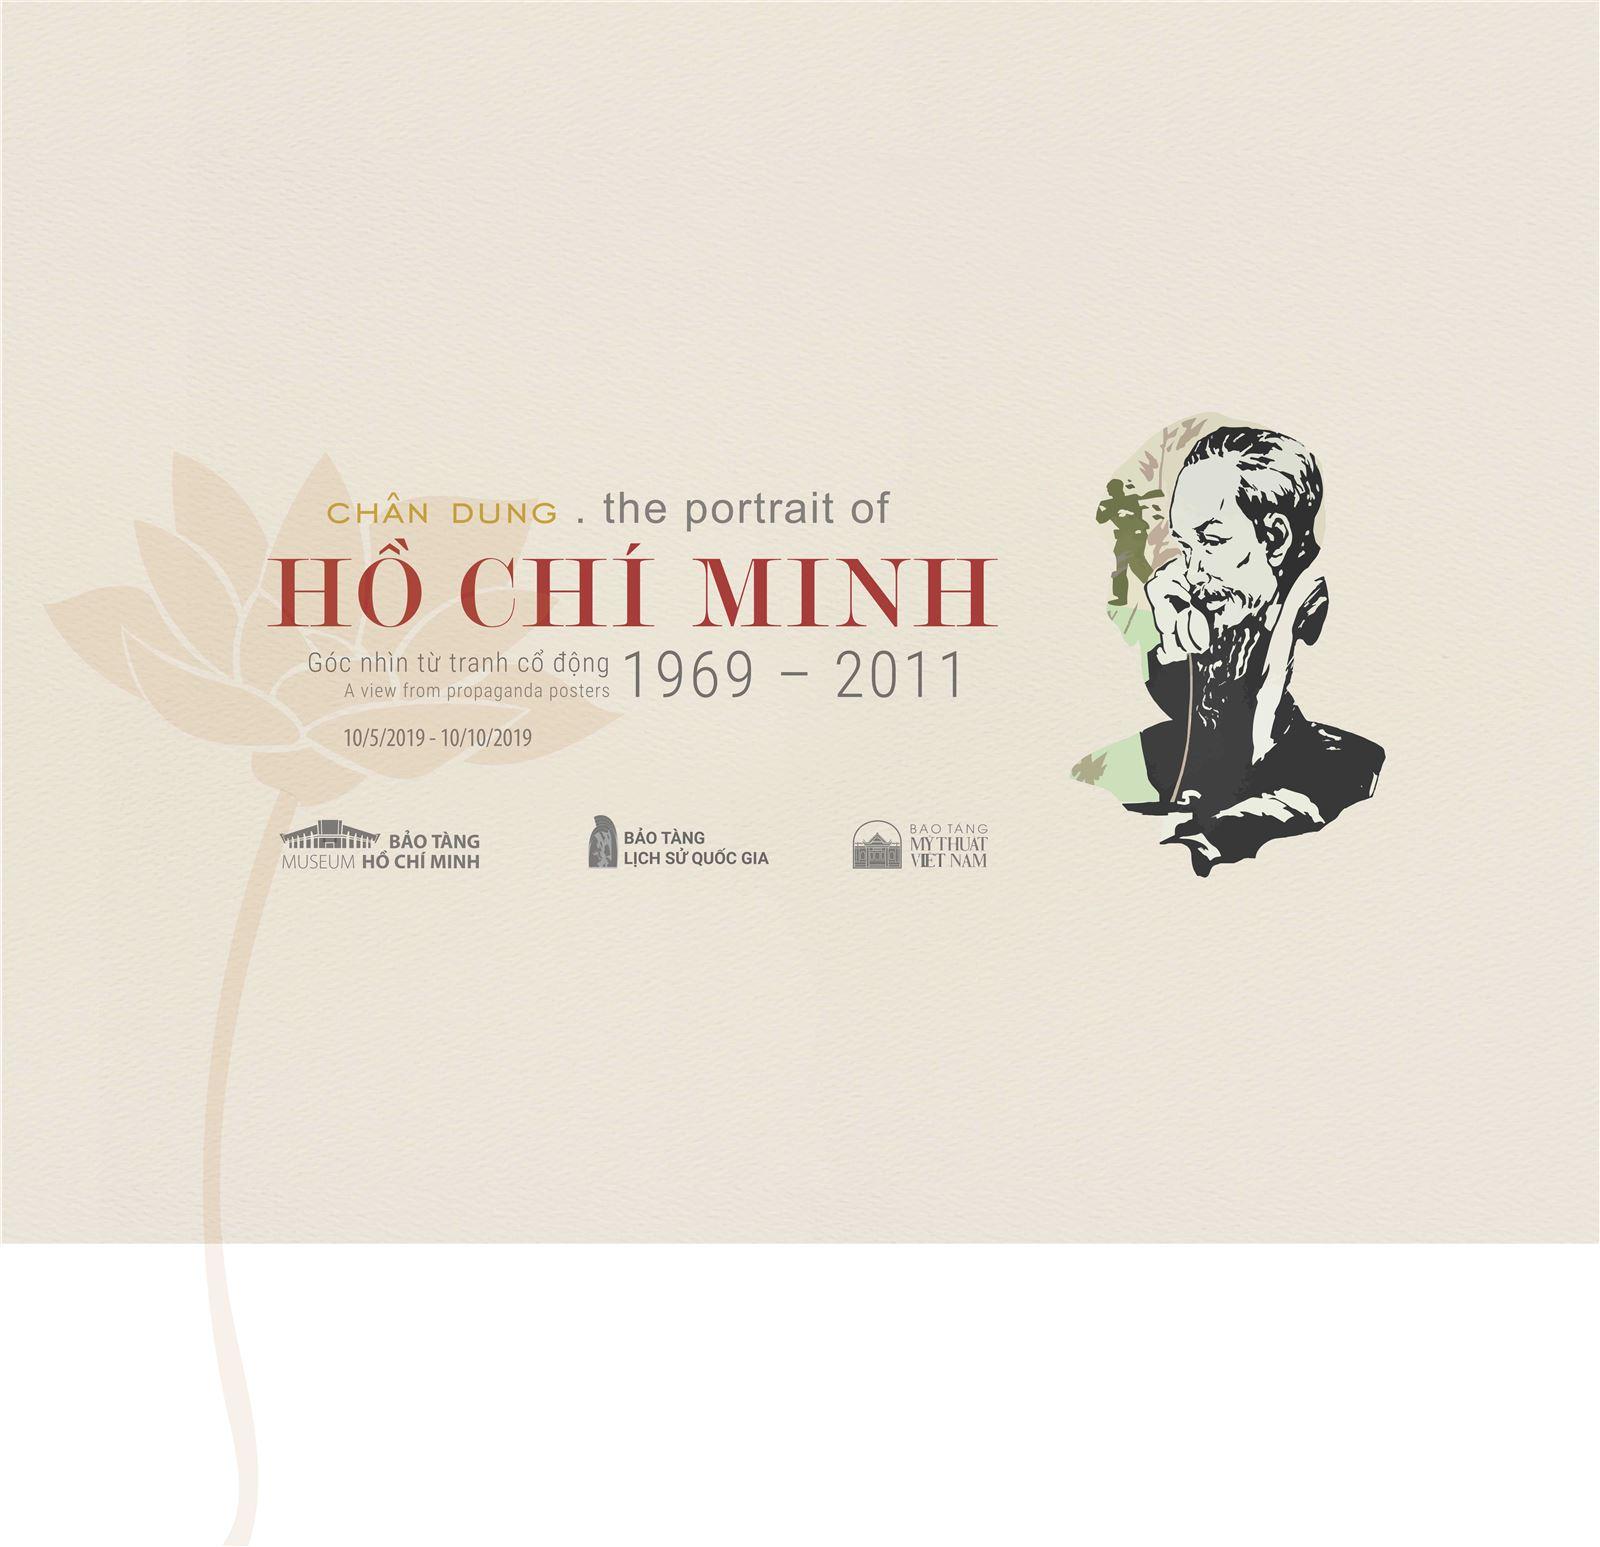 Triển lãm Chân dung Hồ Chí Minh - Góc nhìn từ tranh cổ động. 1969-2011